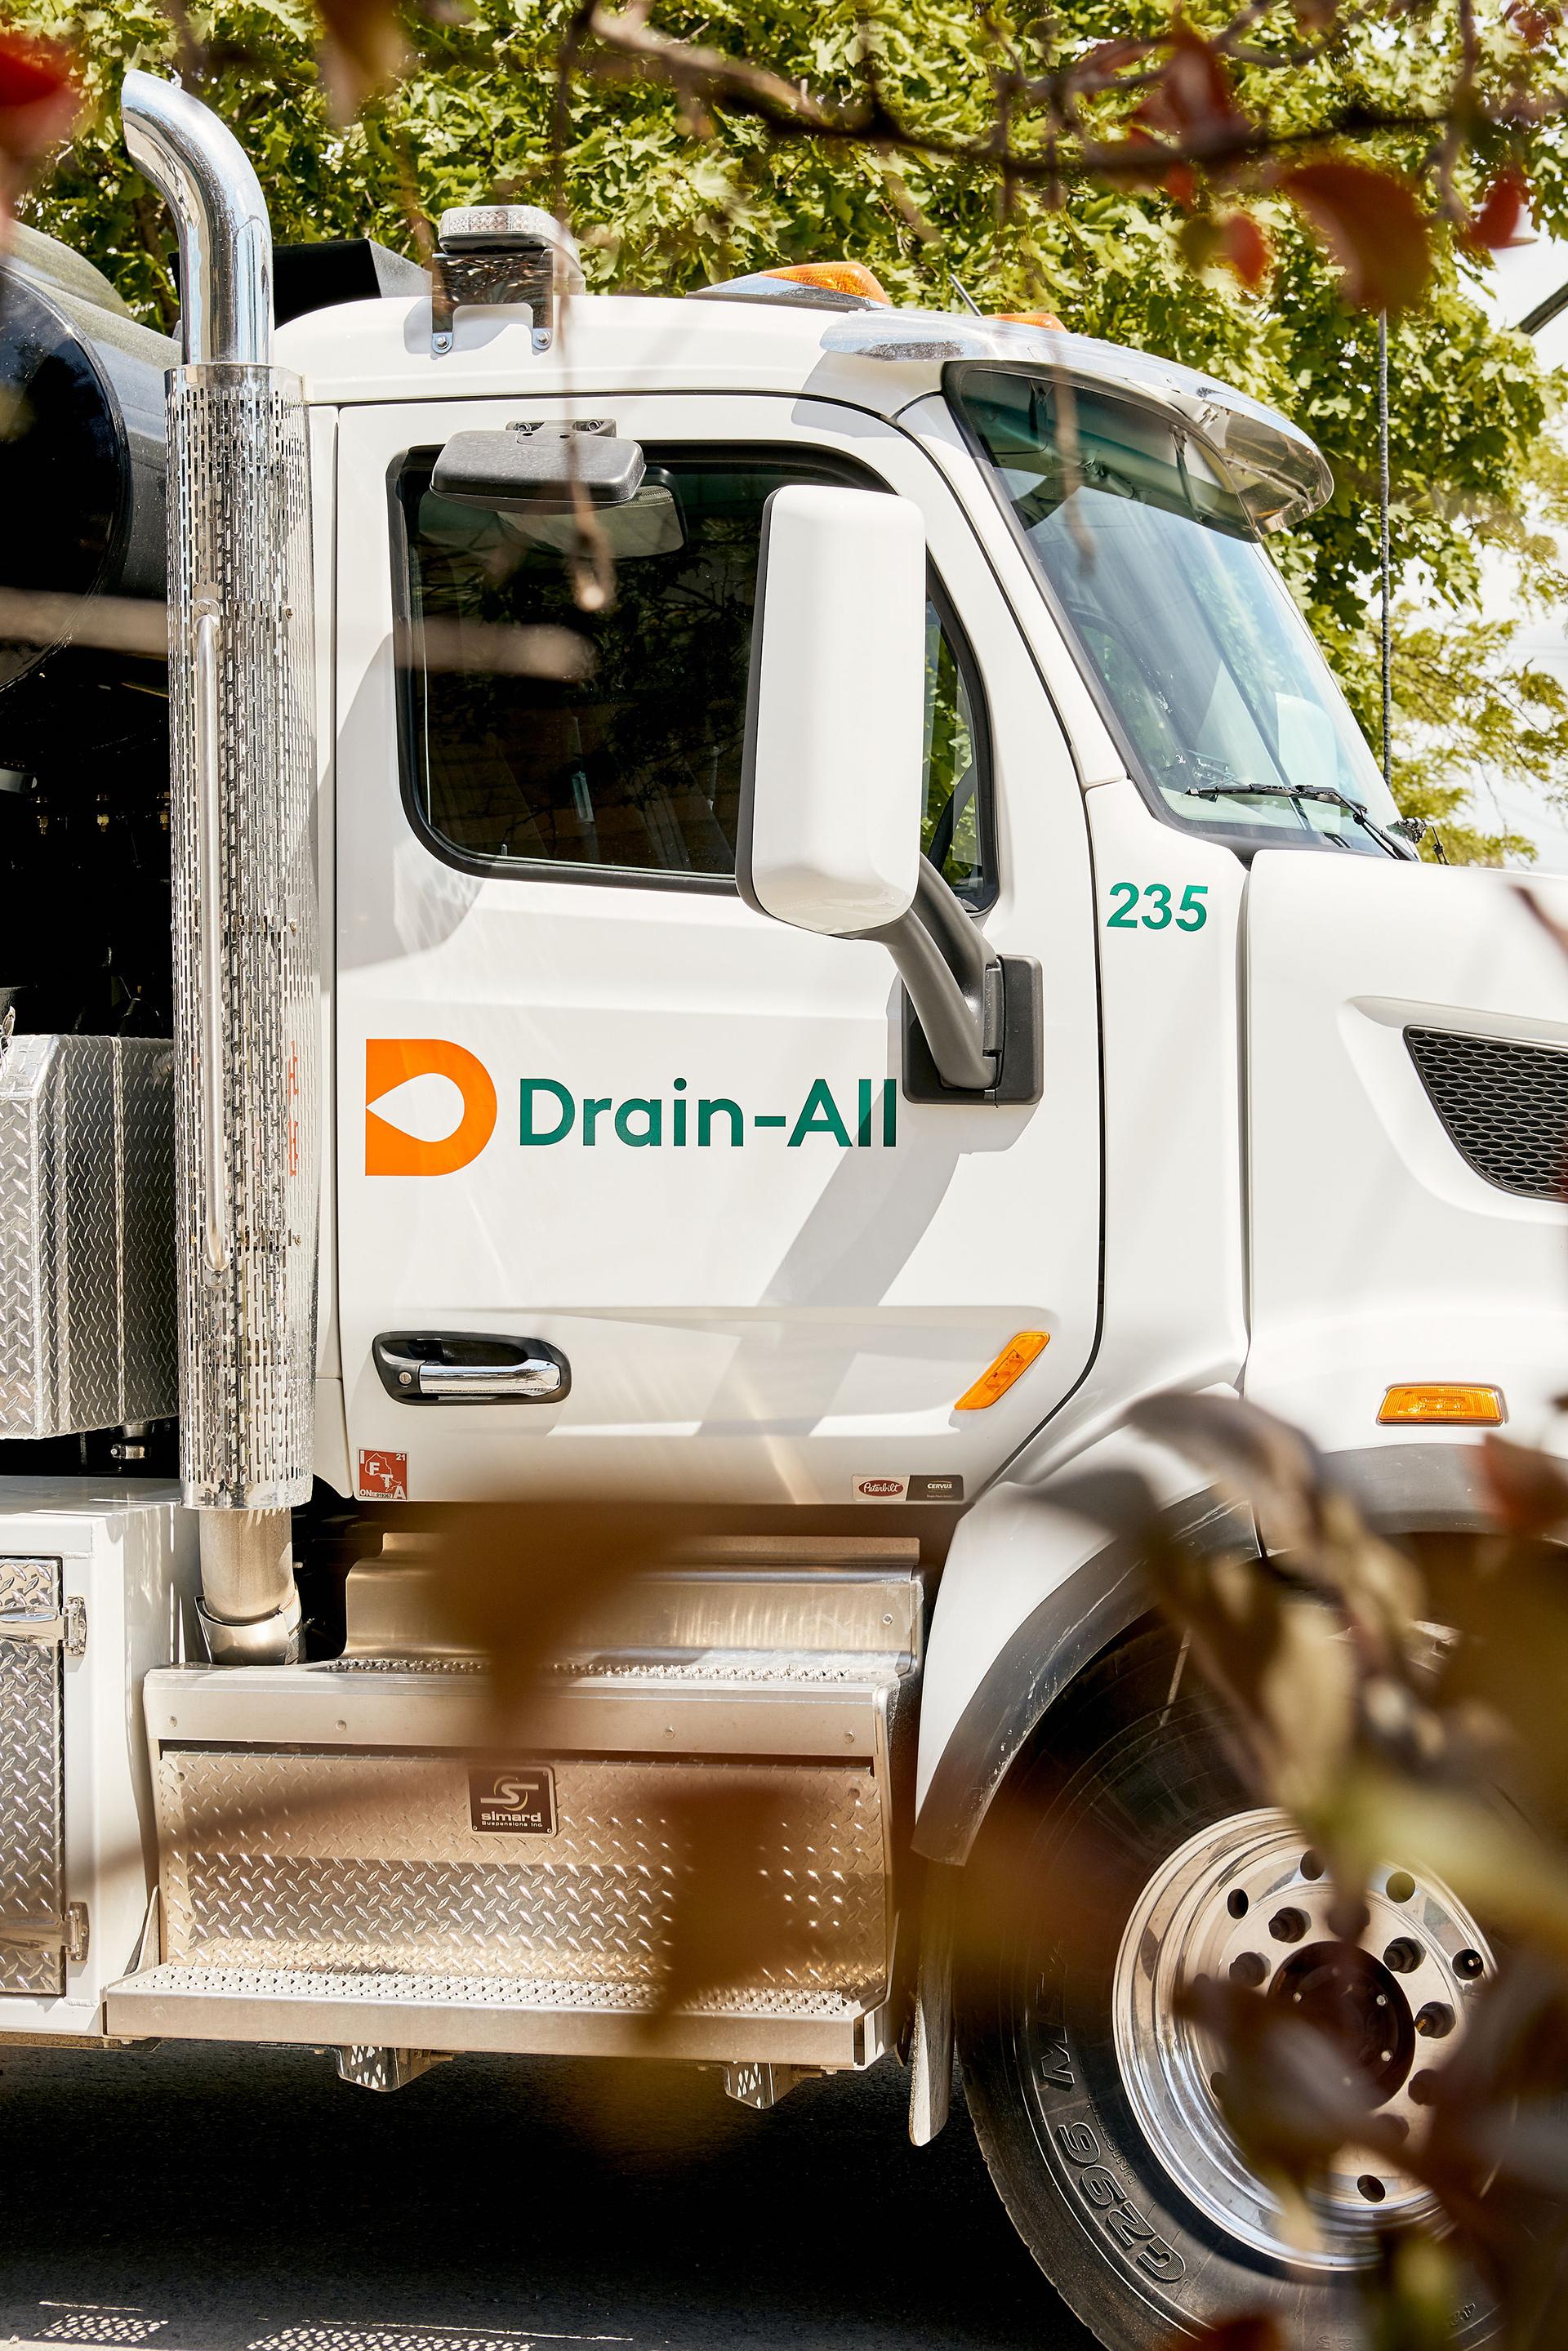 Drain-All - Truck